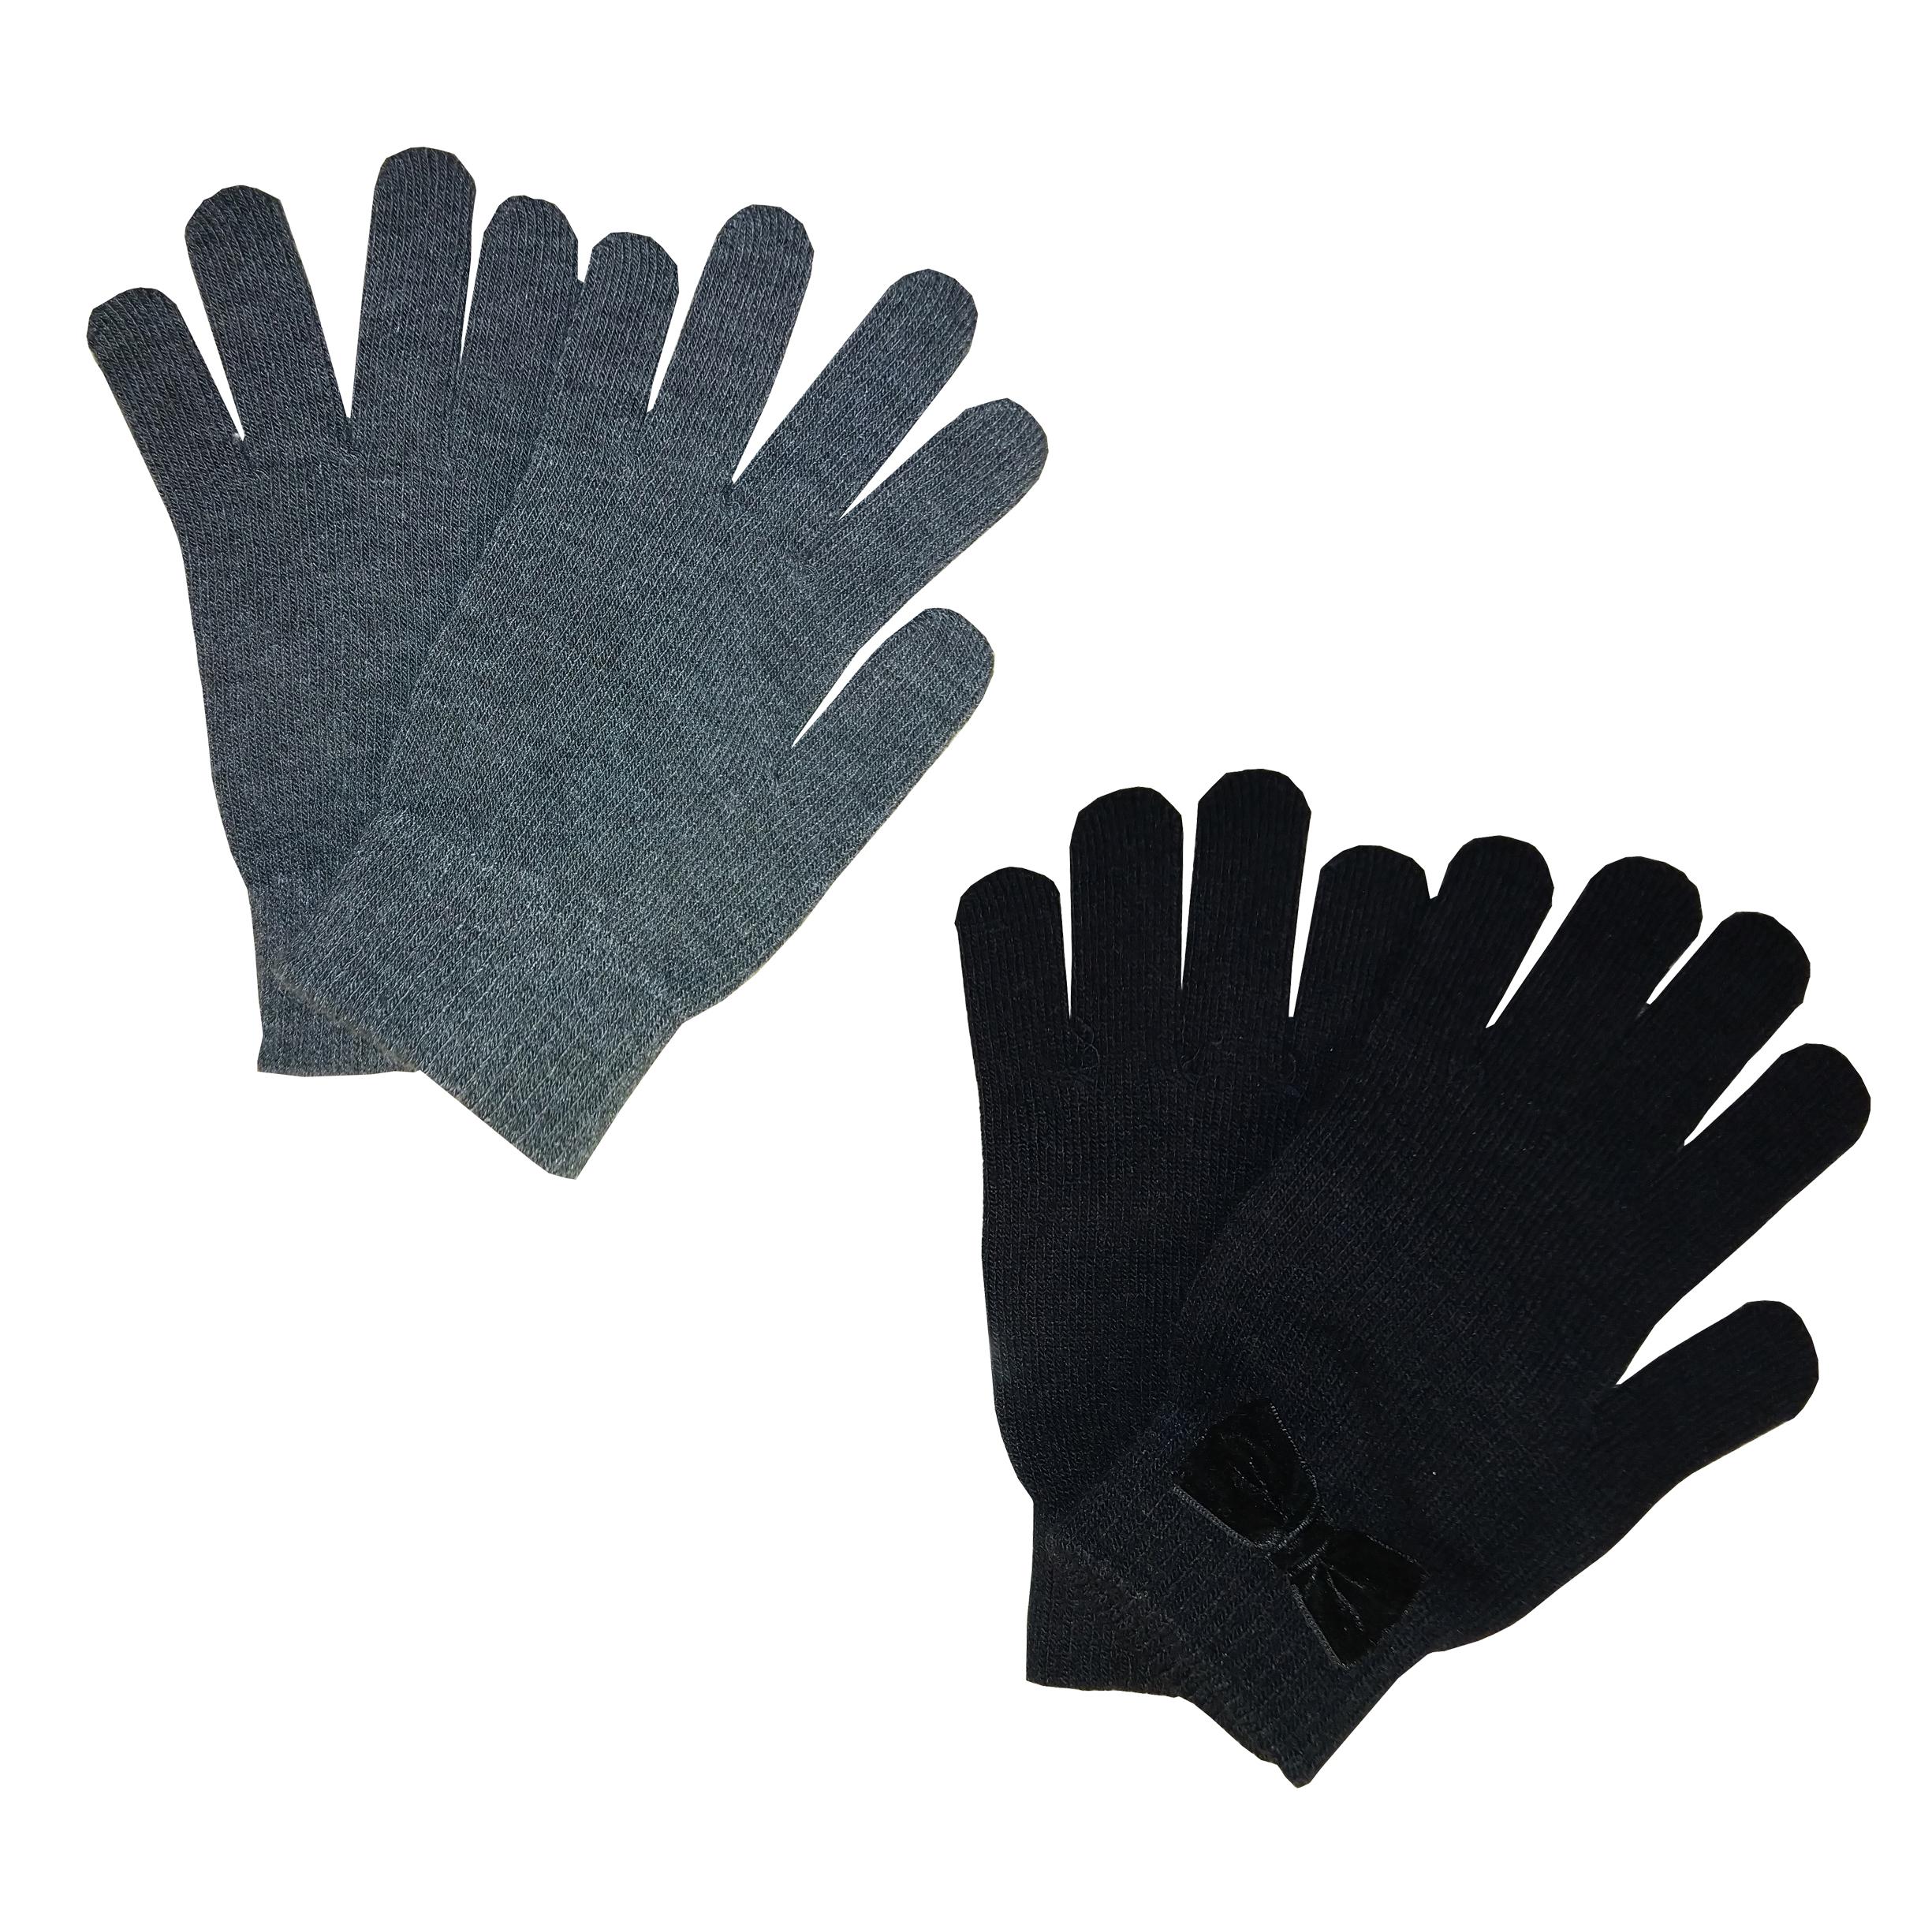 دستکش بافتنی زنانه اچ اند ام مدل 102 مجموعه دو عددی